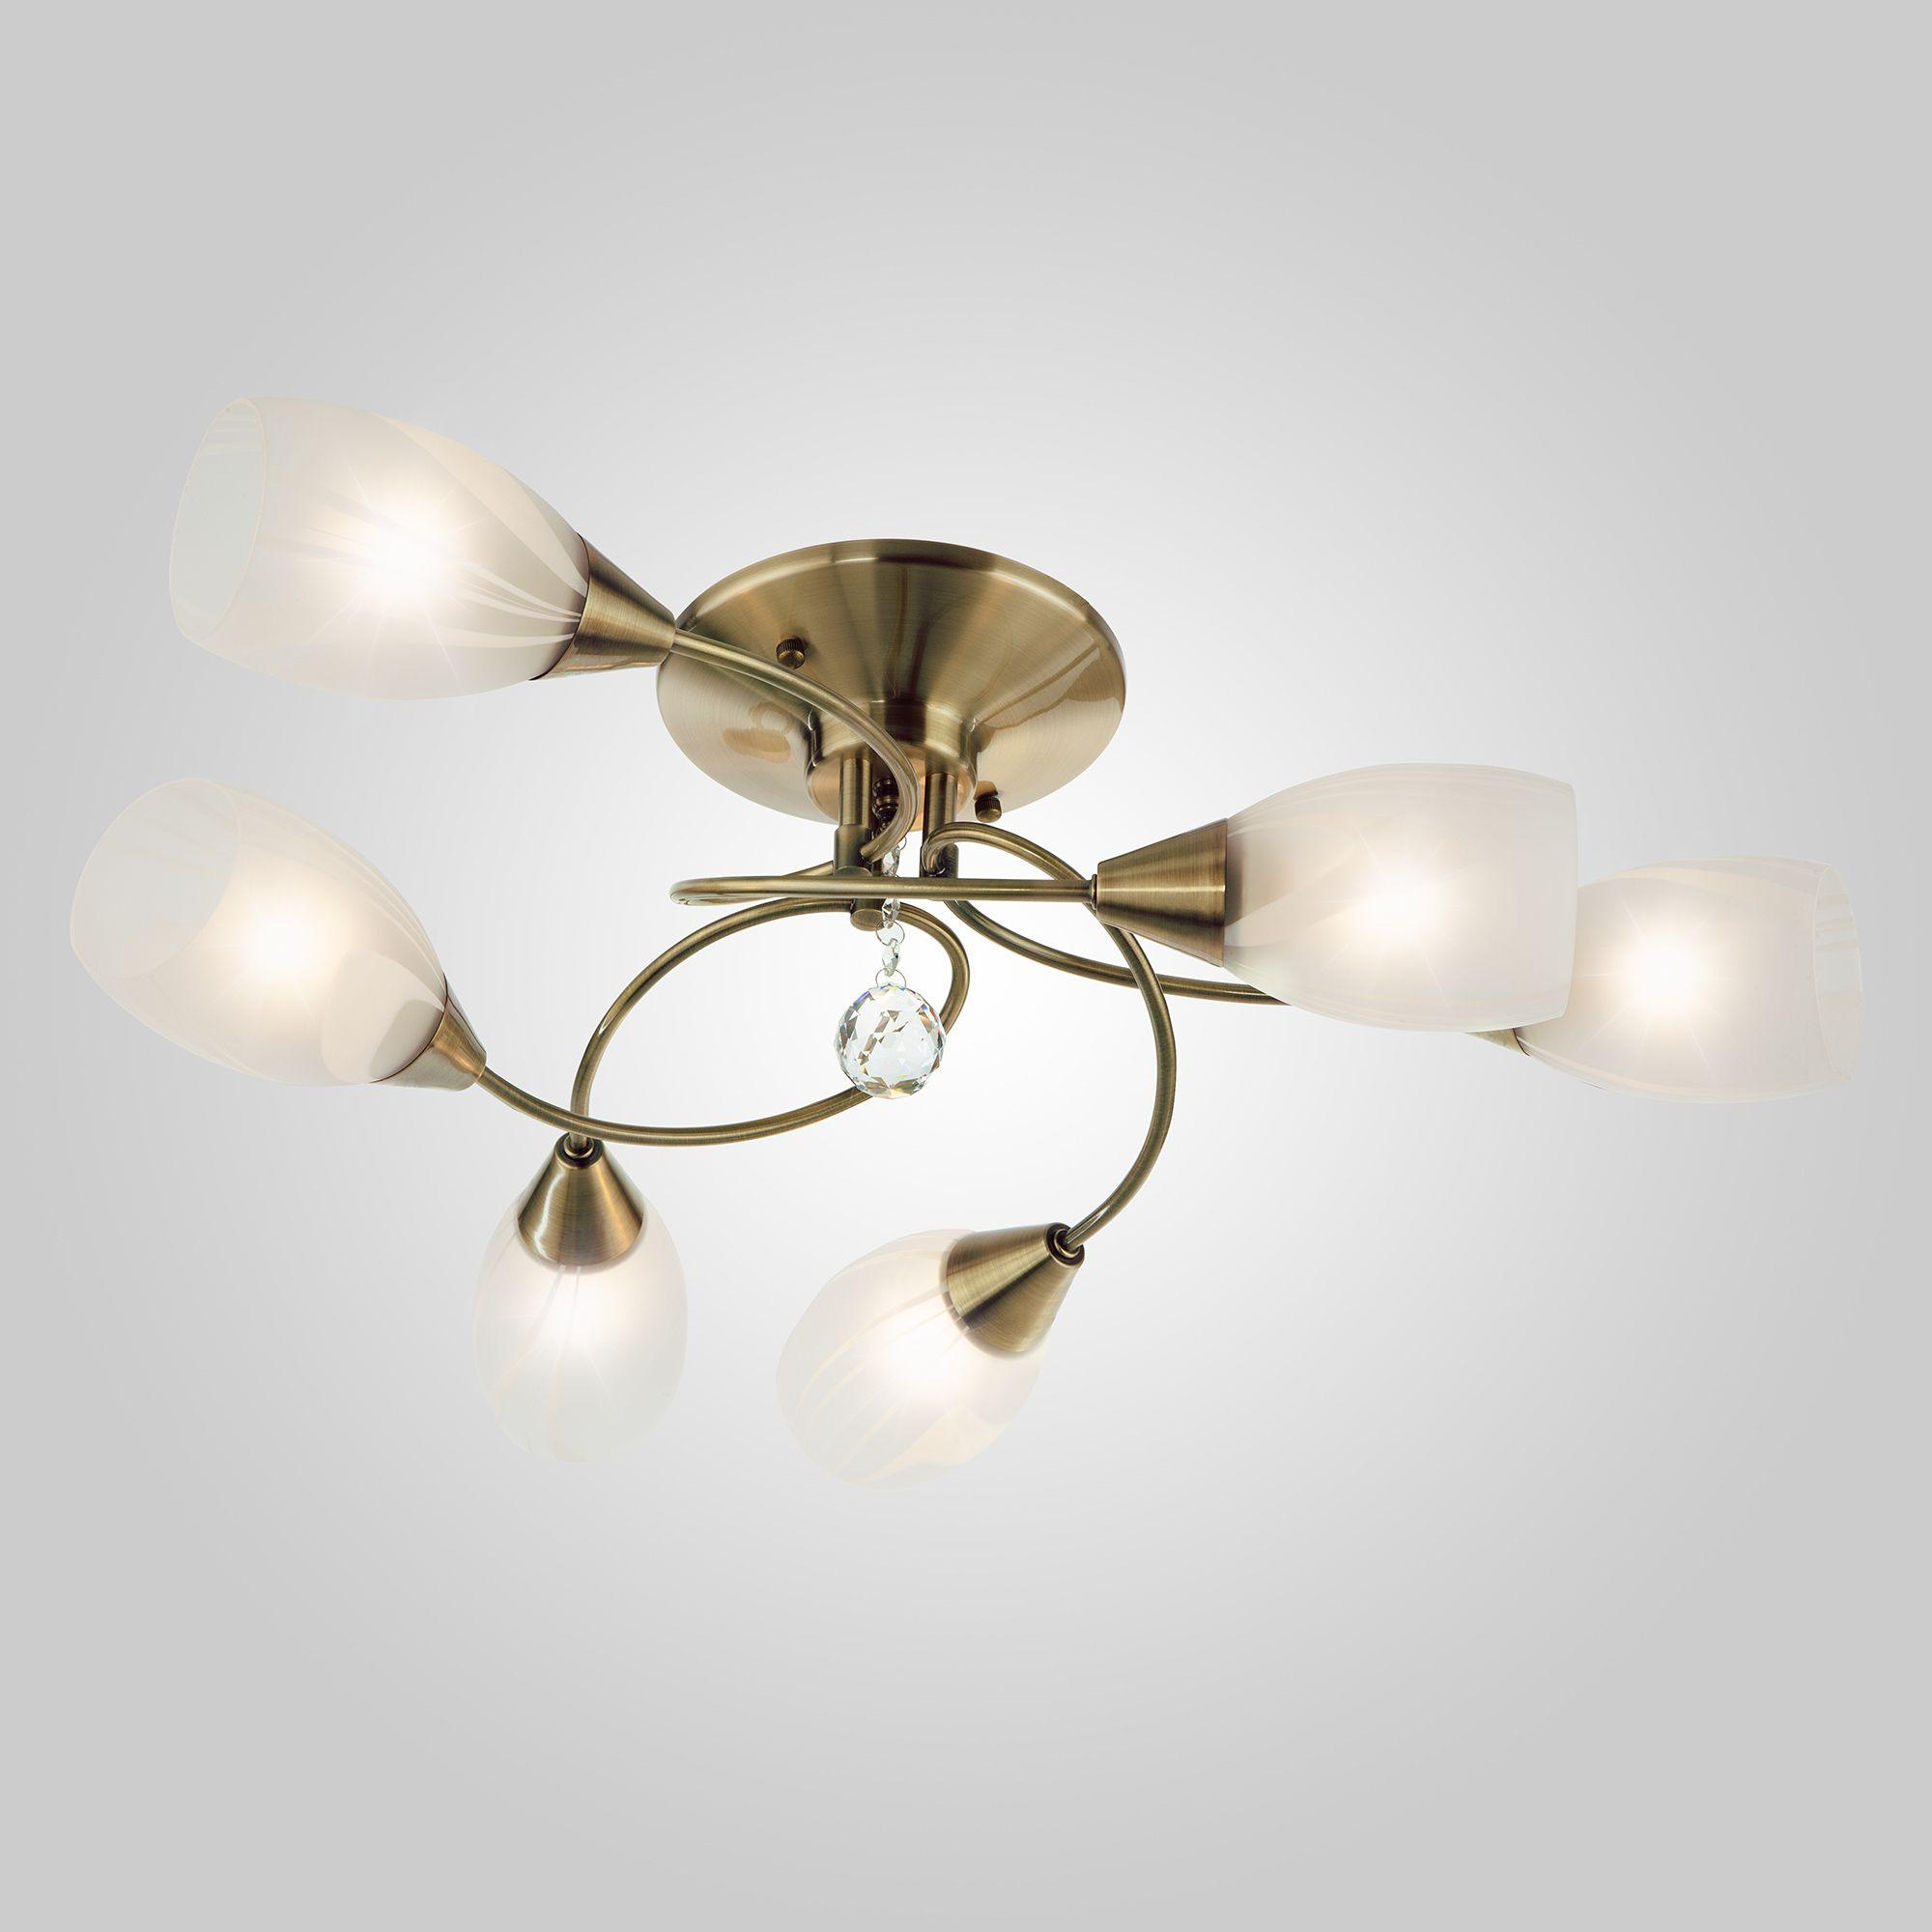 Потолочный светильник с плафонами 2275/6 античная бронза